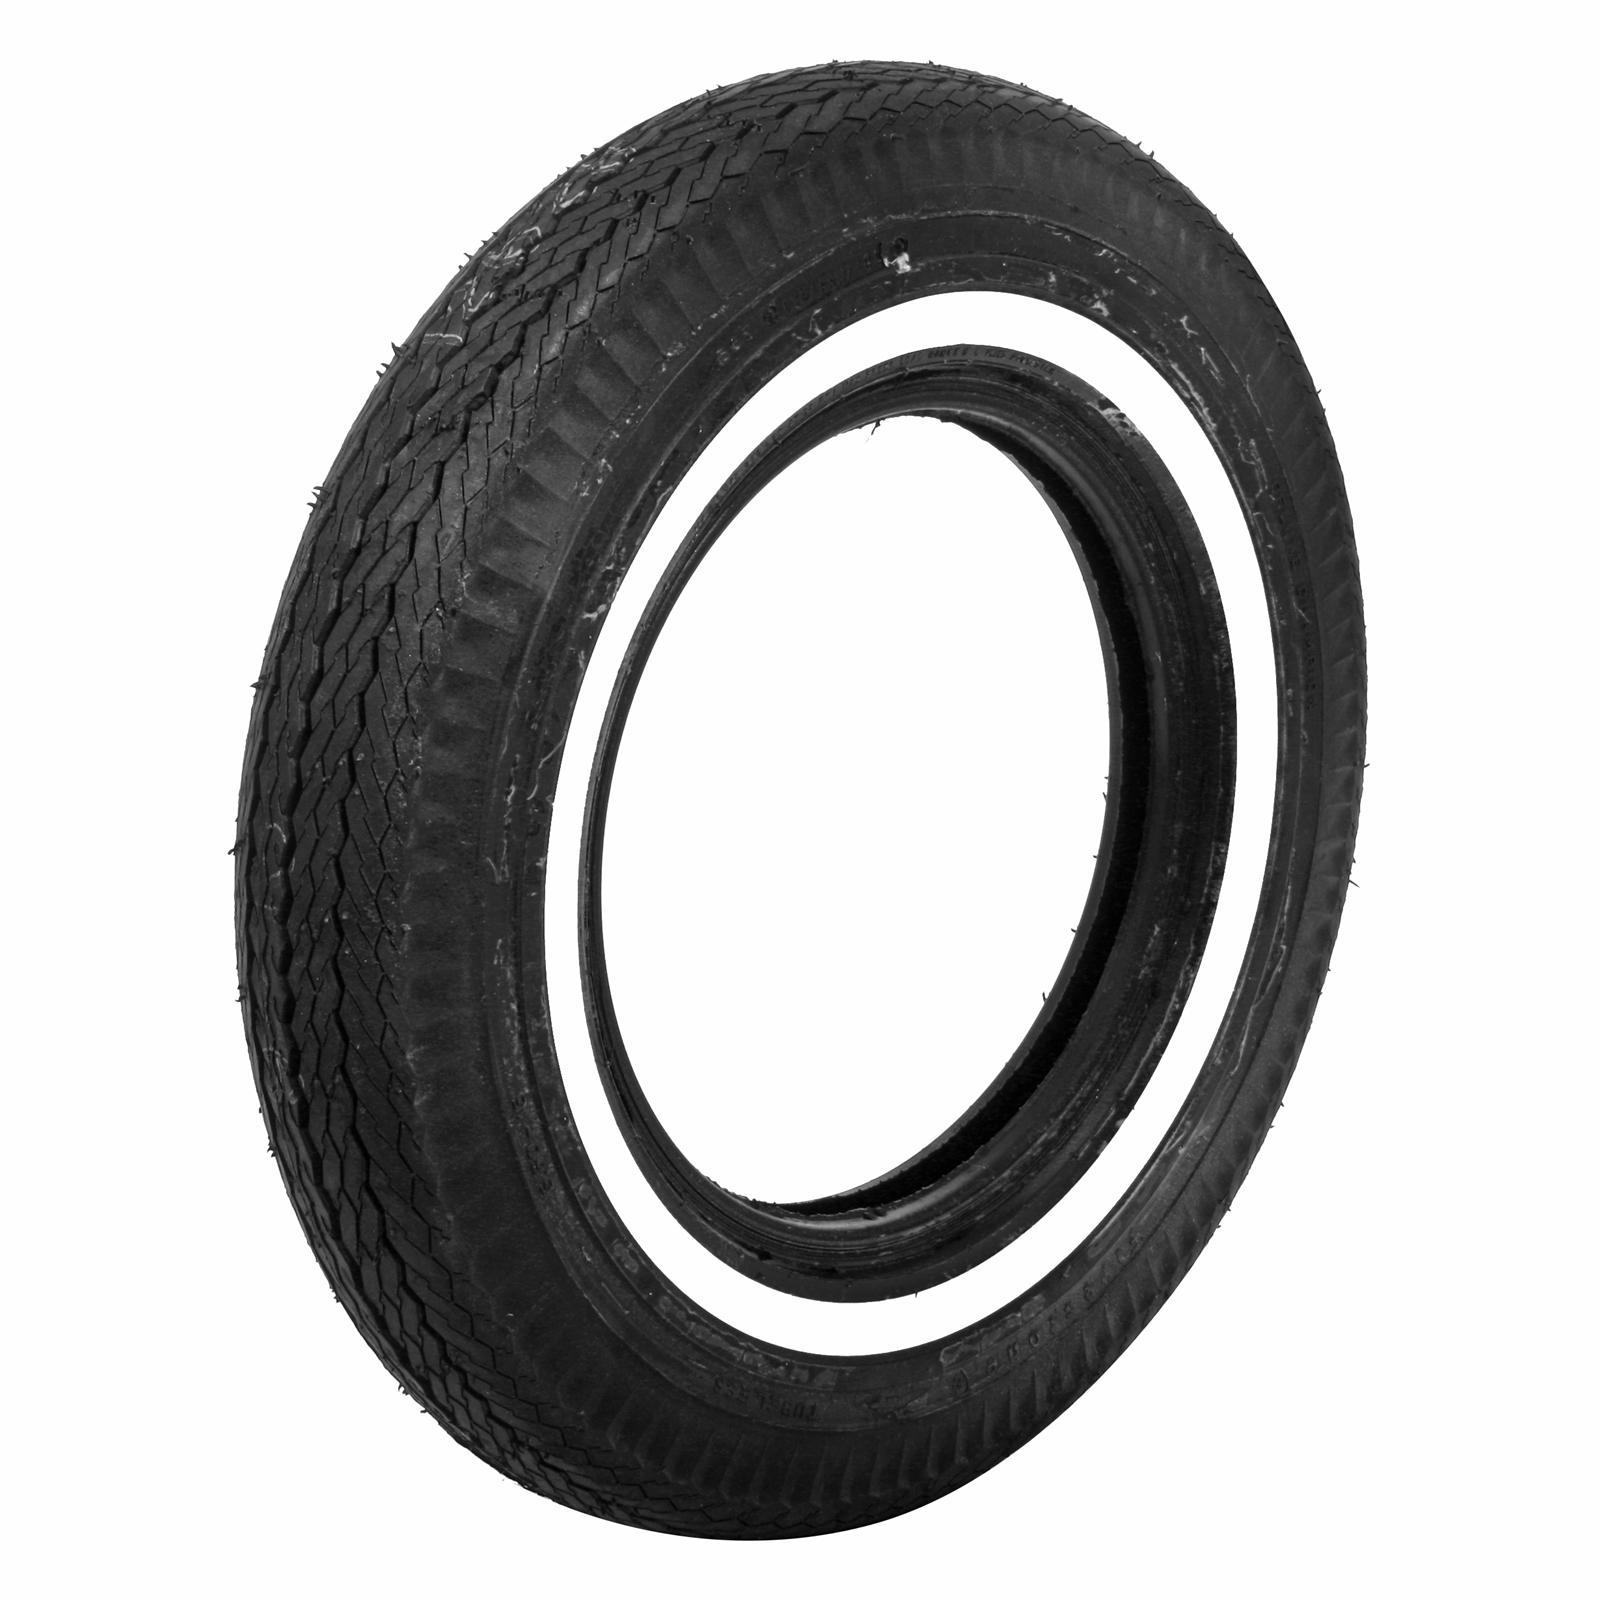 Coker Firestone Vintage Bias Tire 5 60 15 Bias ply Whitewall